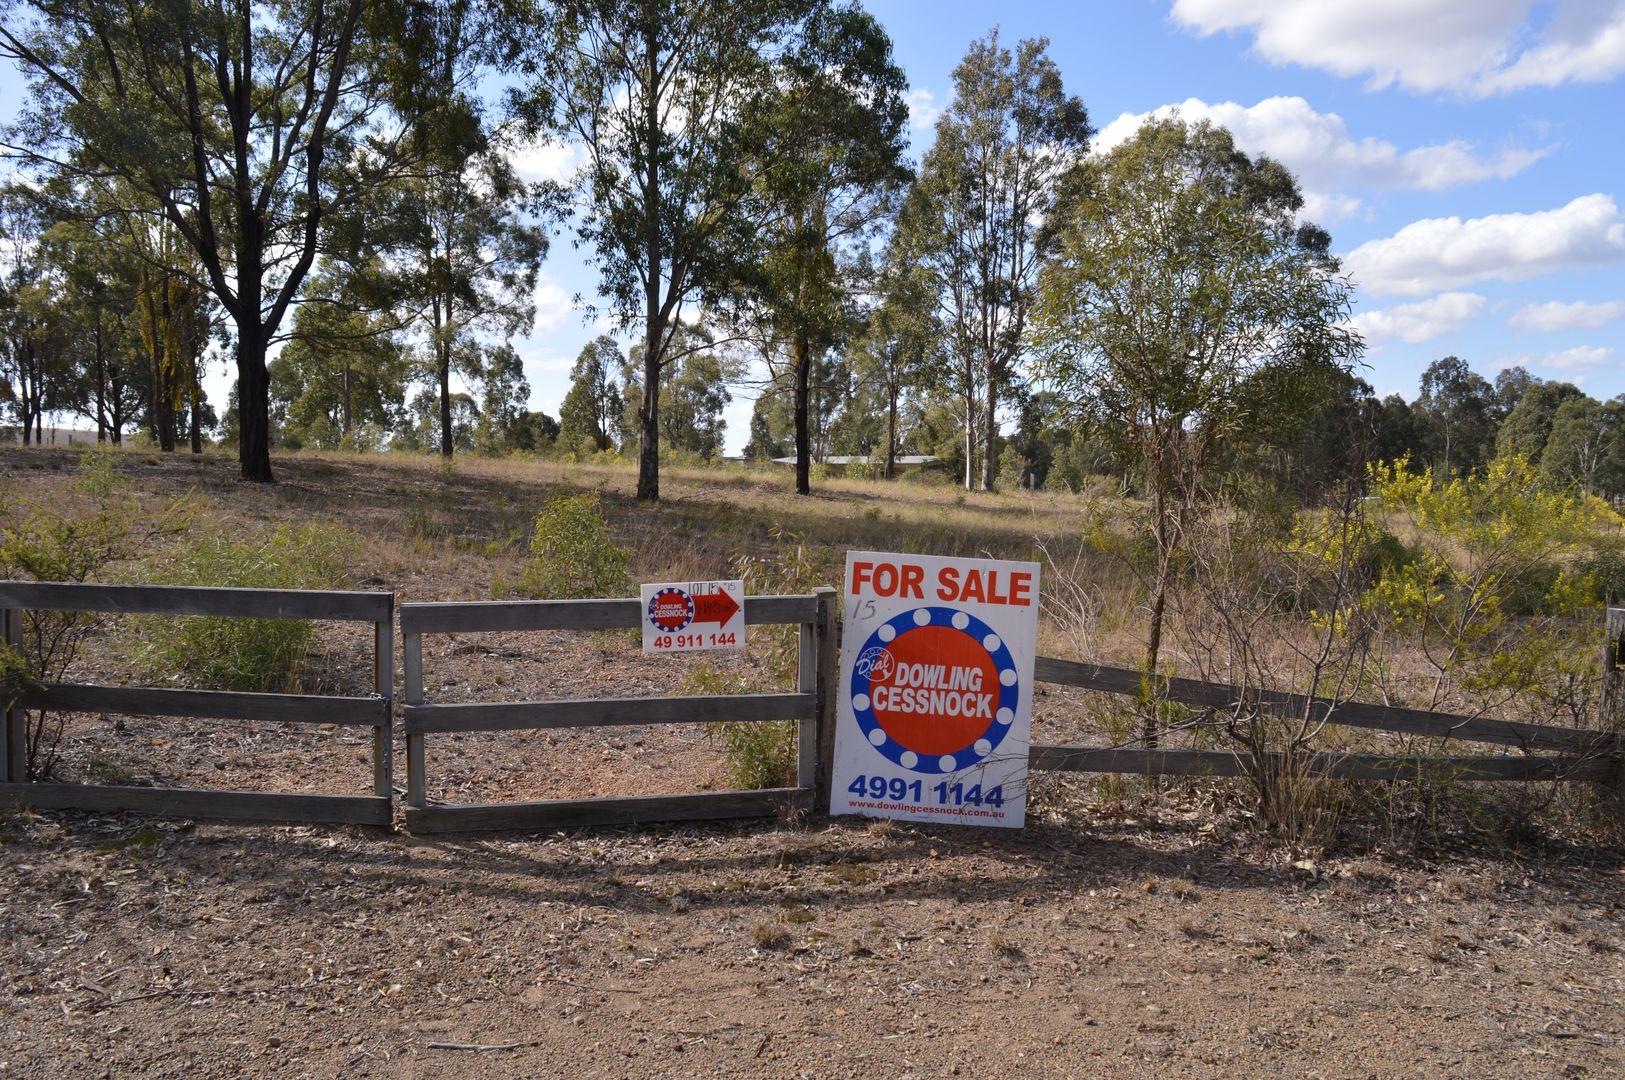 Lot 15/27 Blue Cliff Road, Pokolbin NSW 2320, Image 1